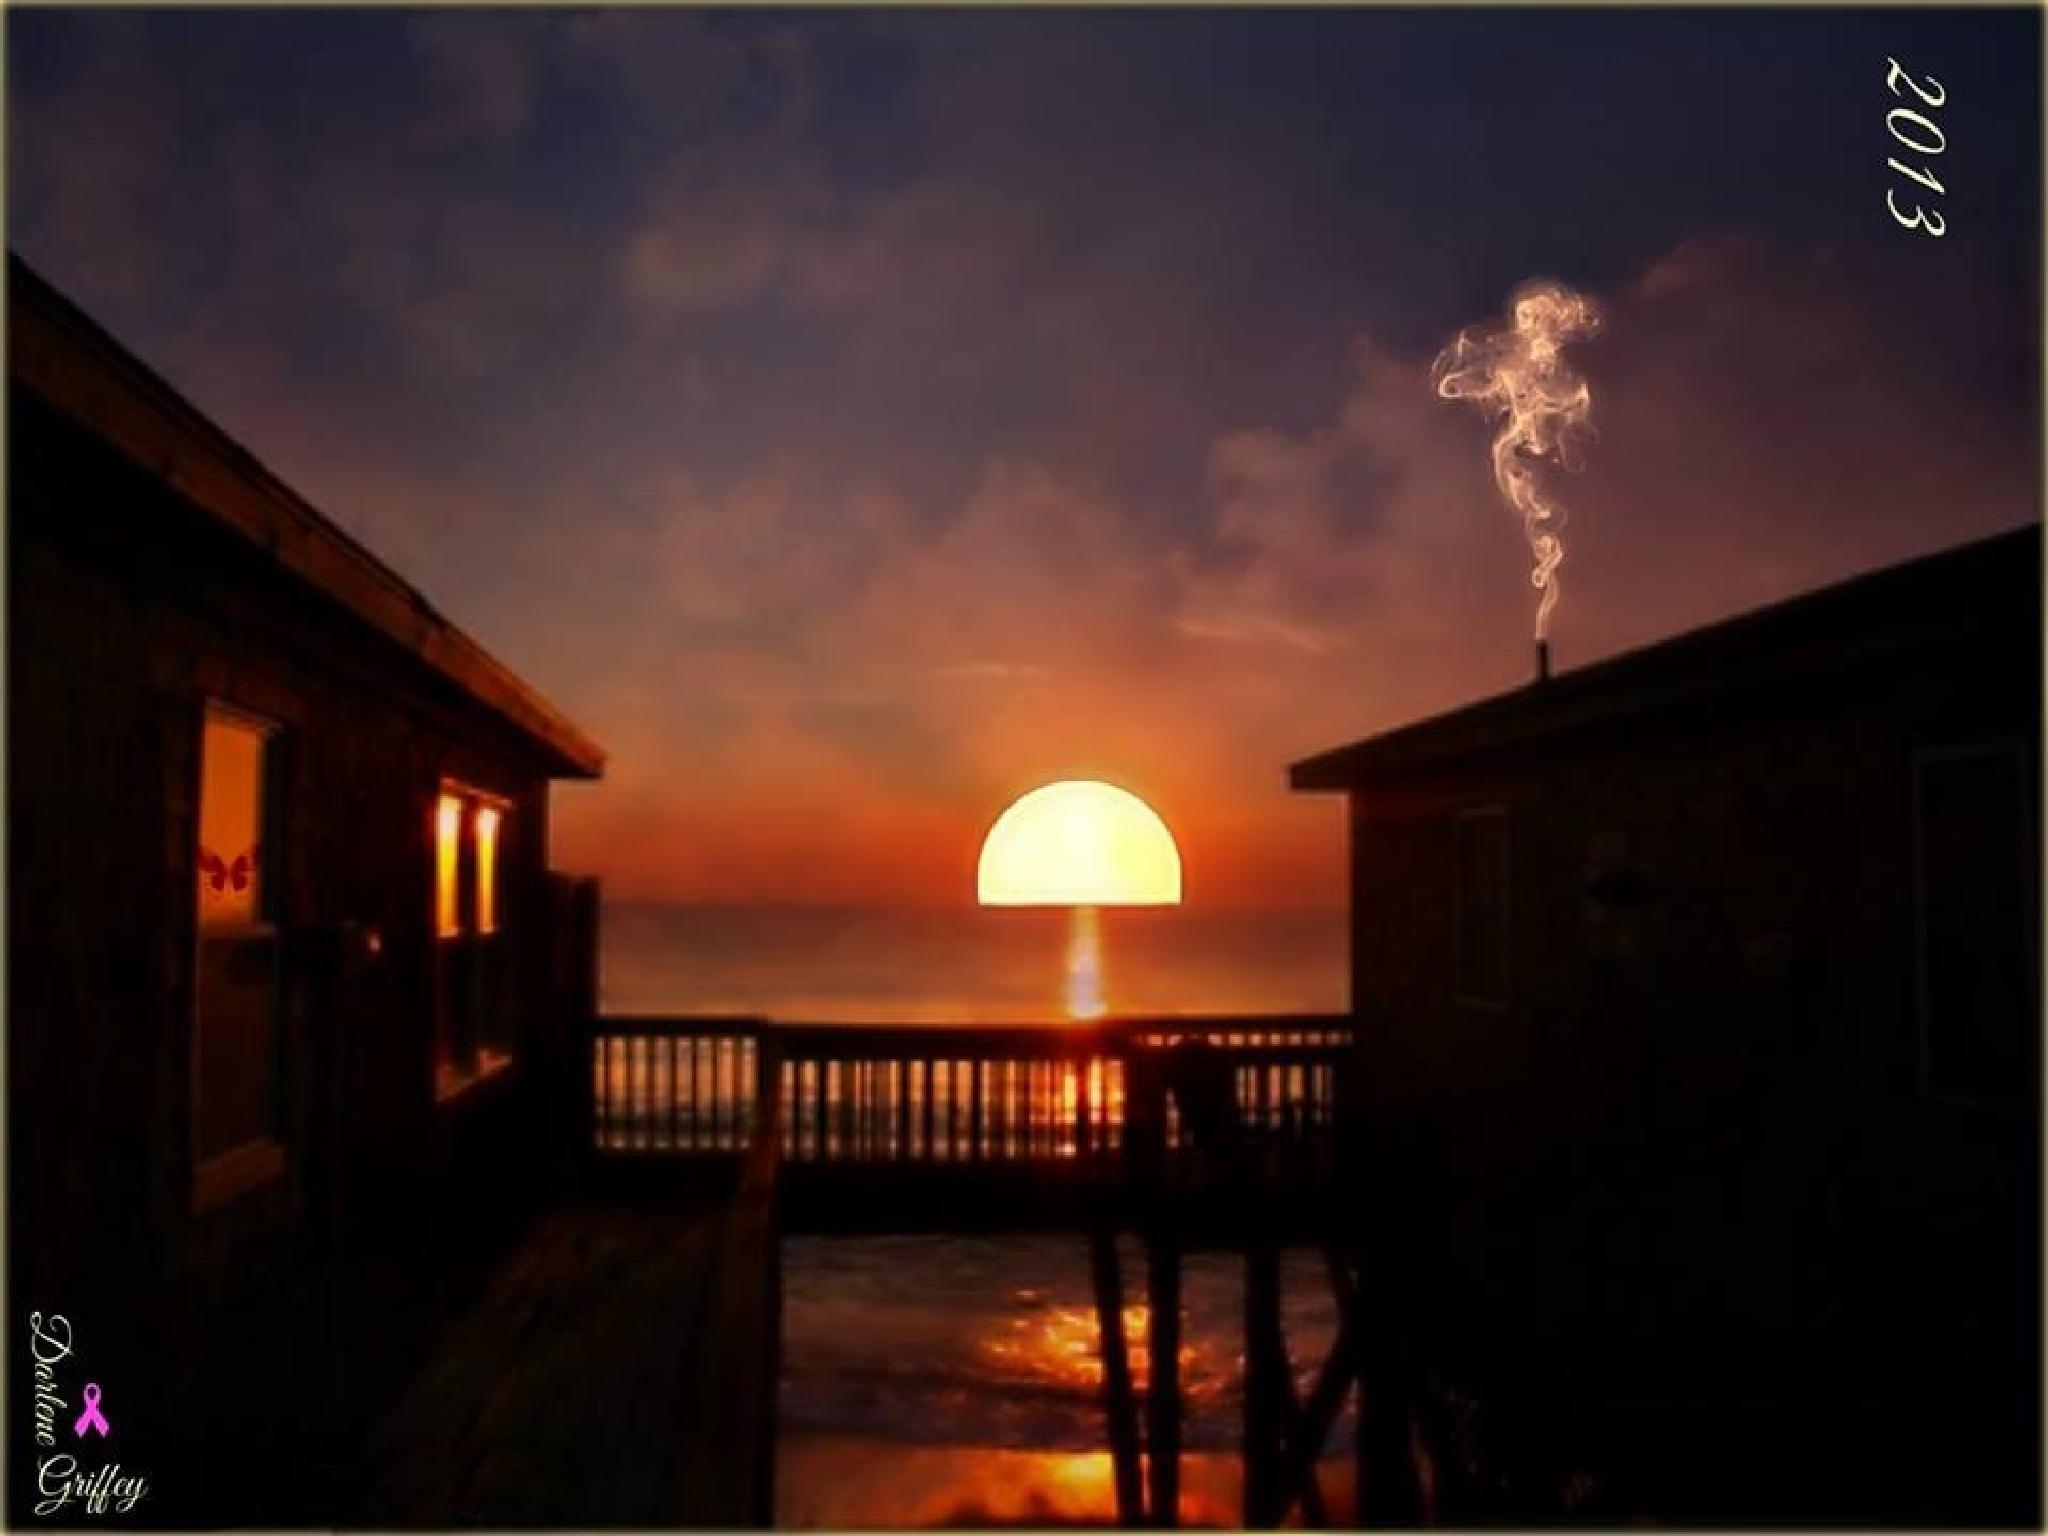 Sunrise on the beach  by darlene griffey